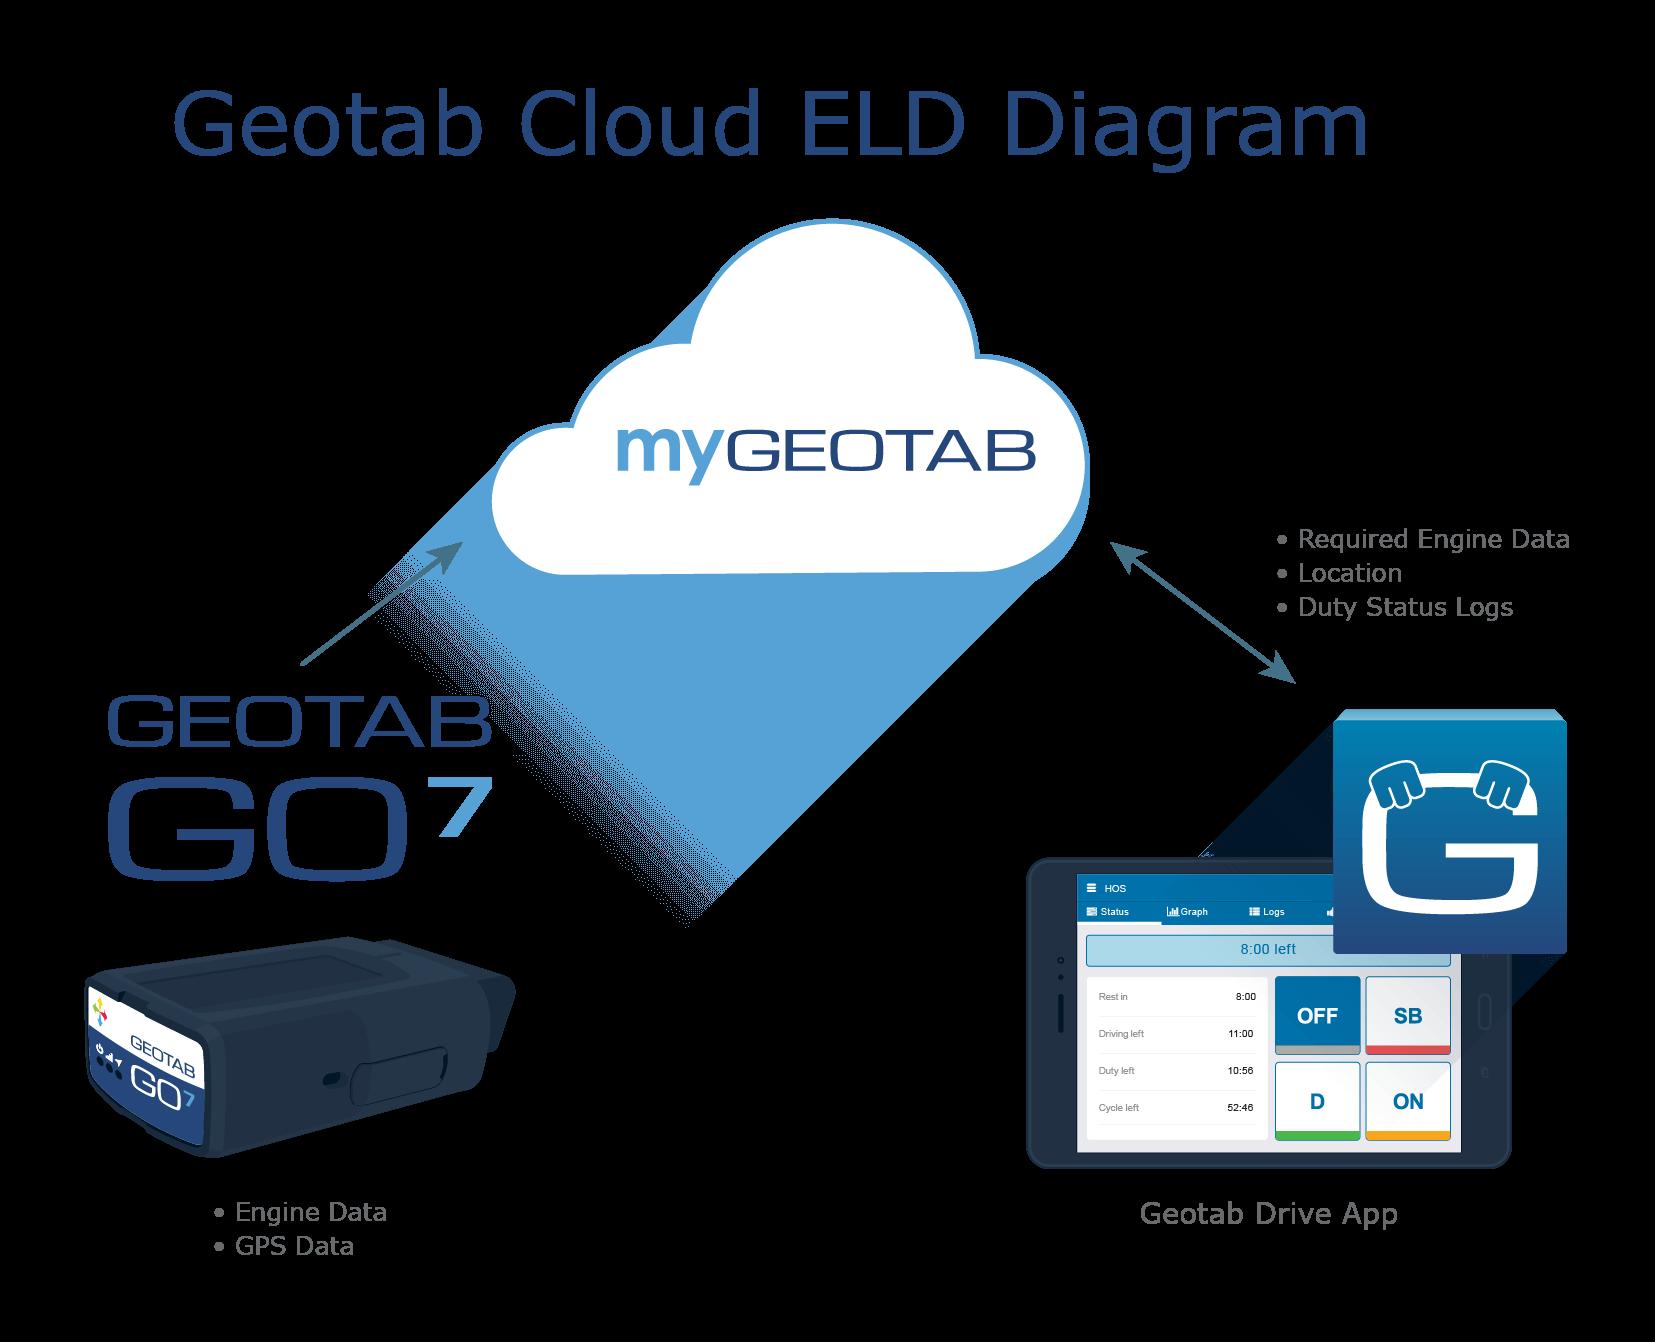 Geotab cloud ELD